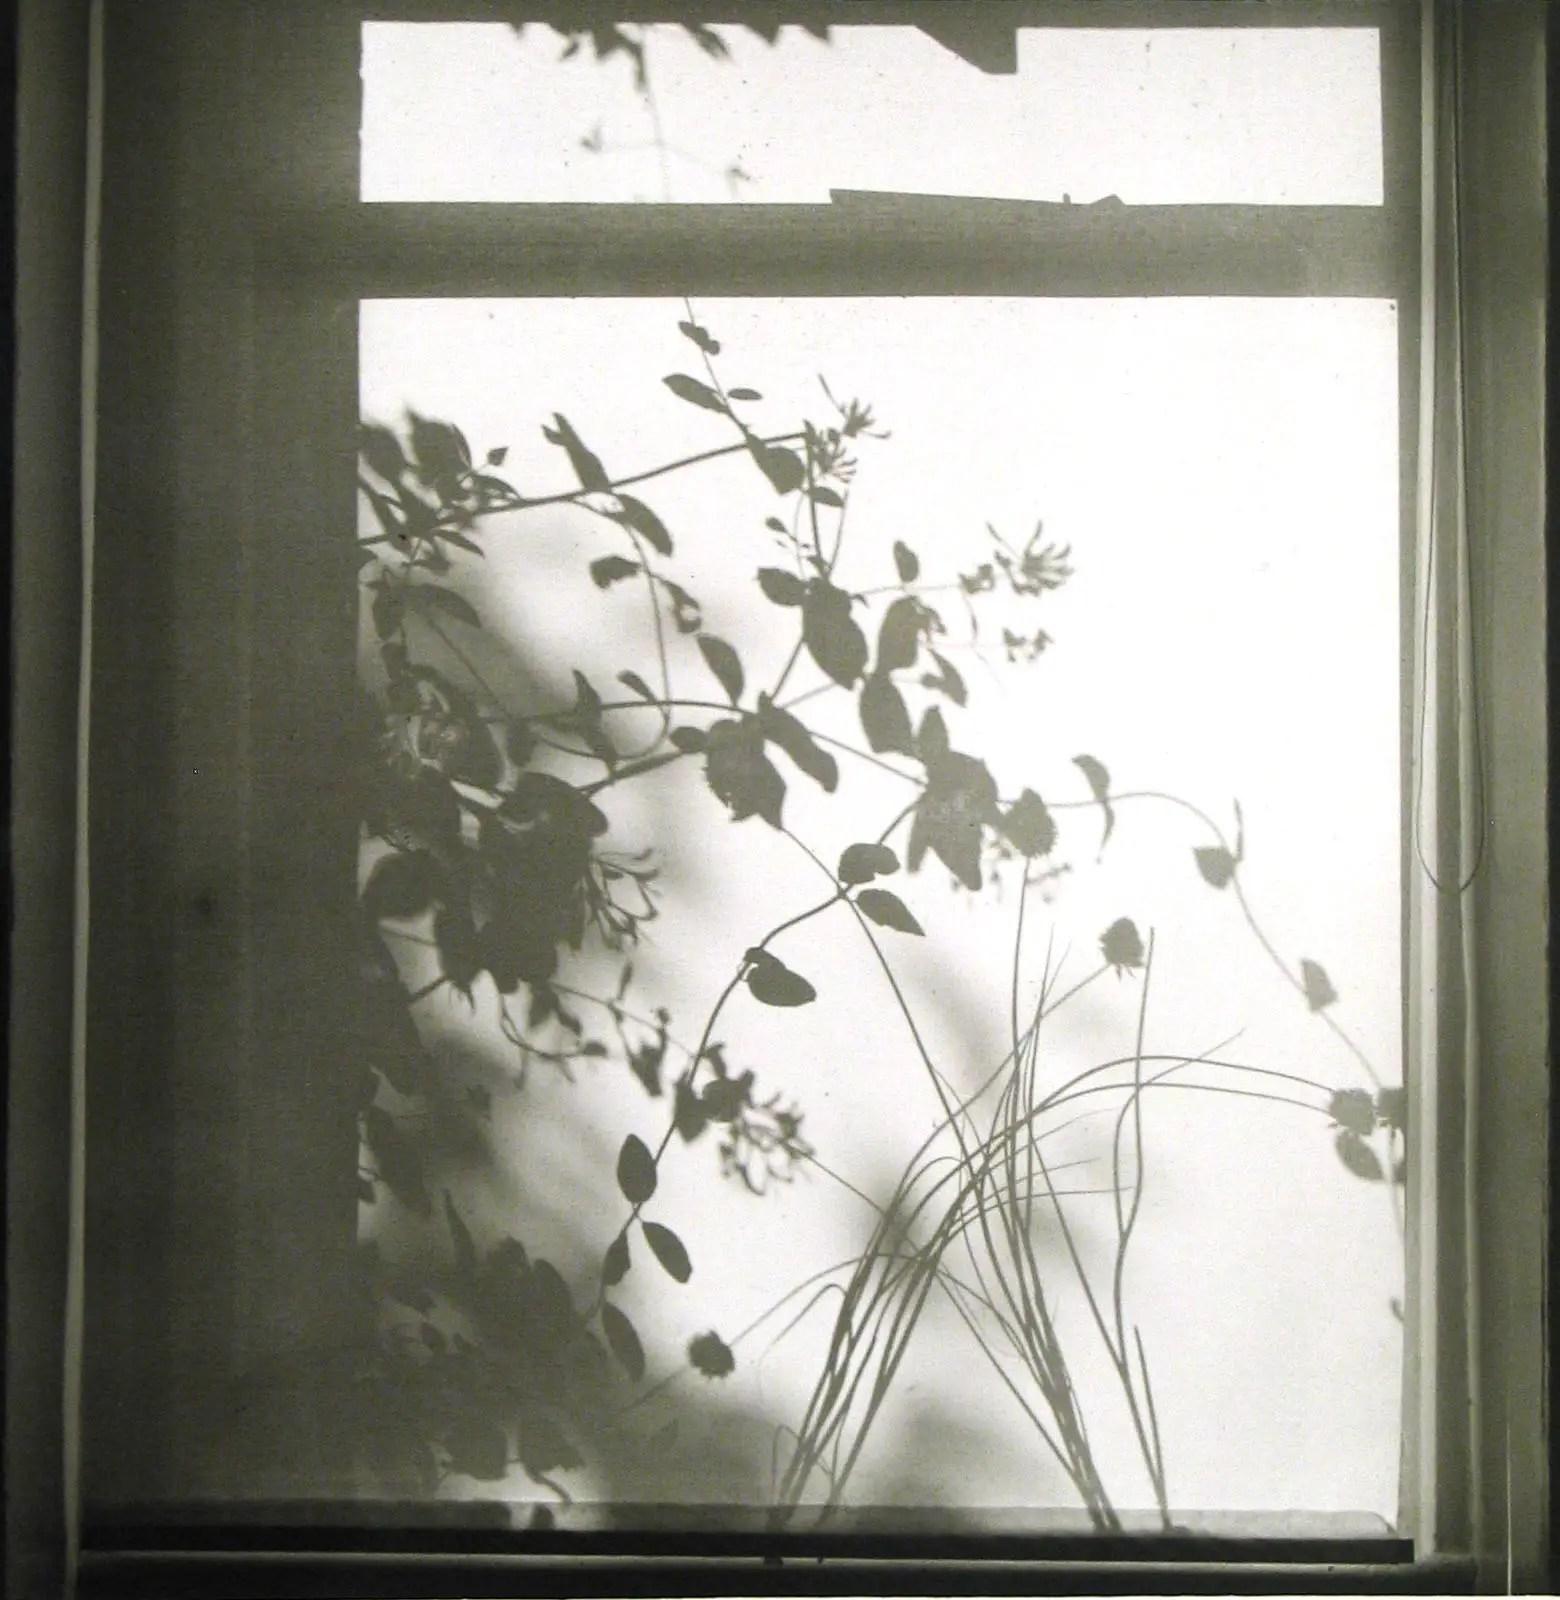 Still life - shadows on blind